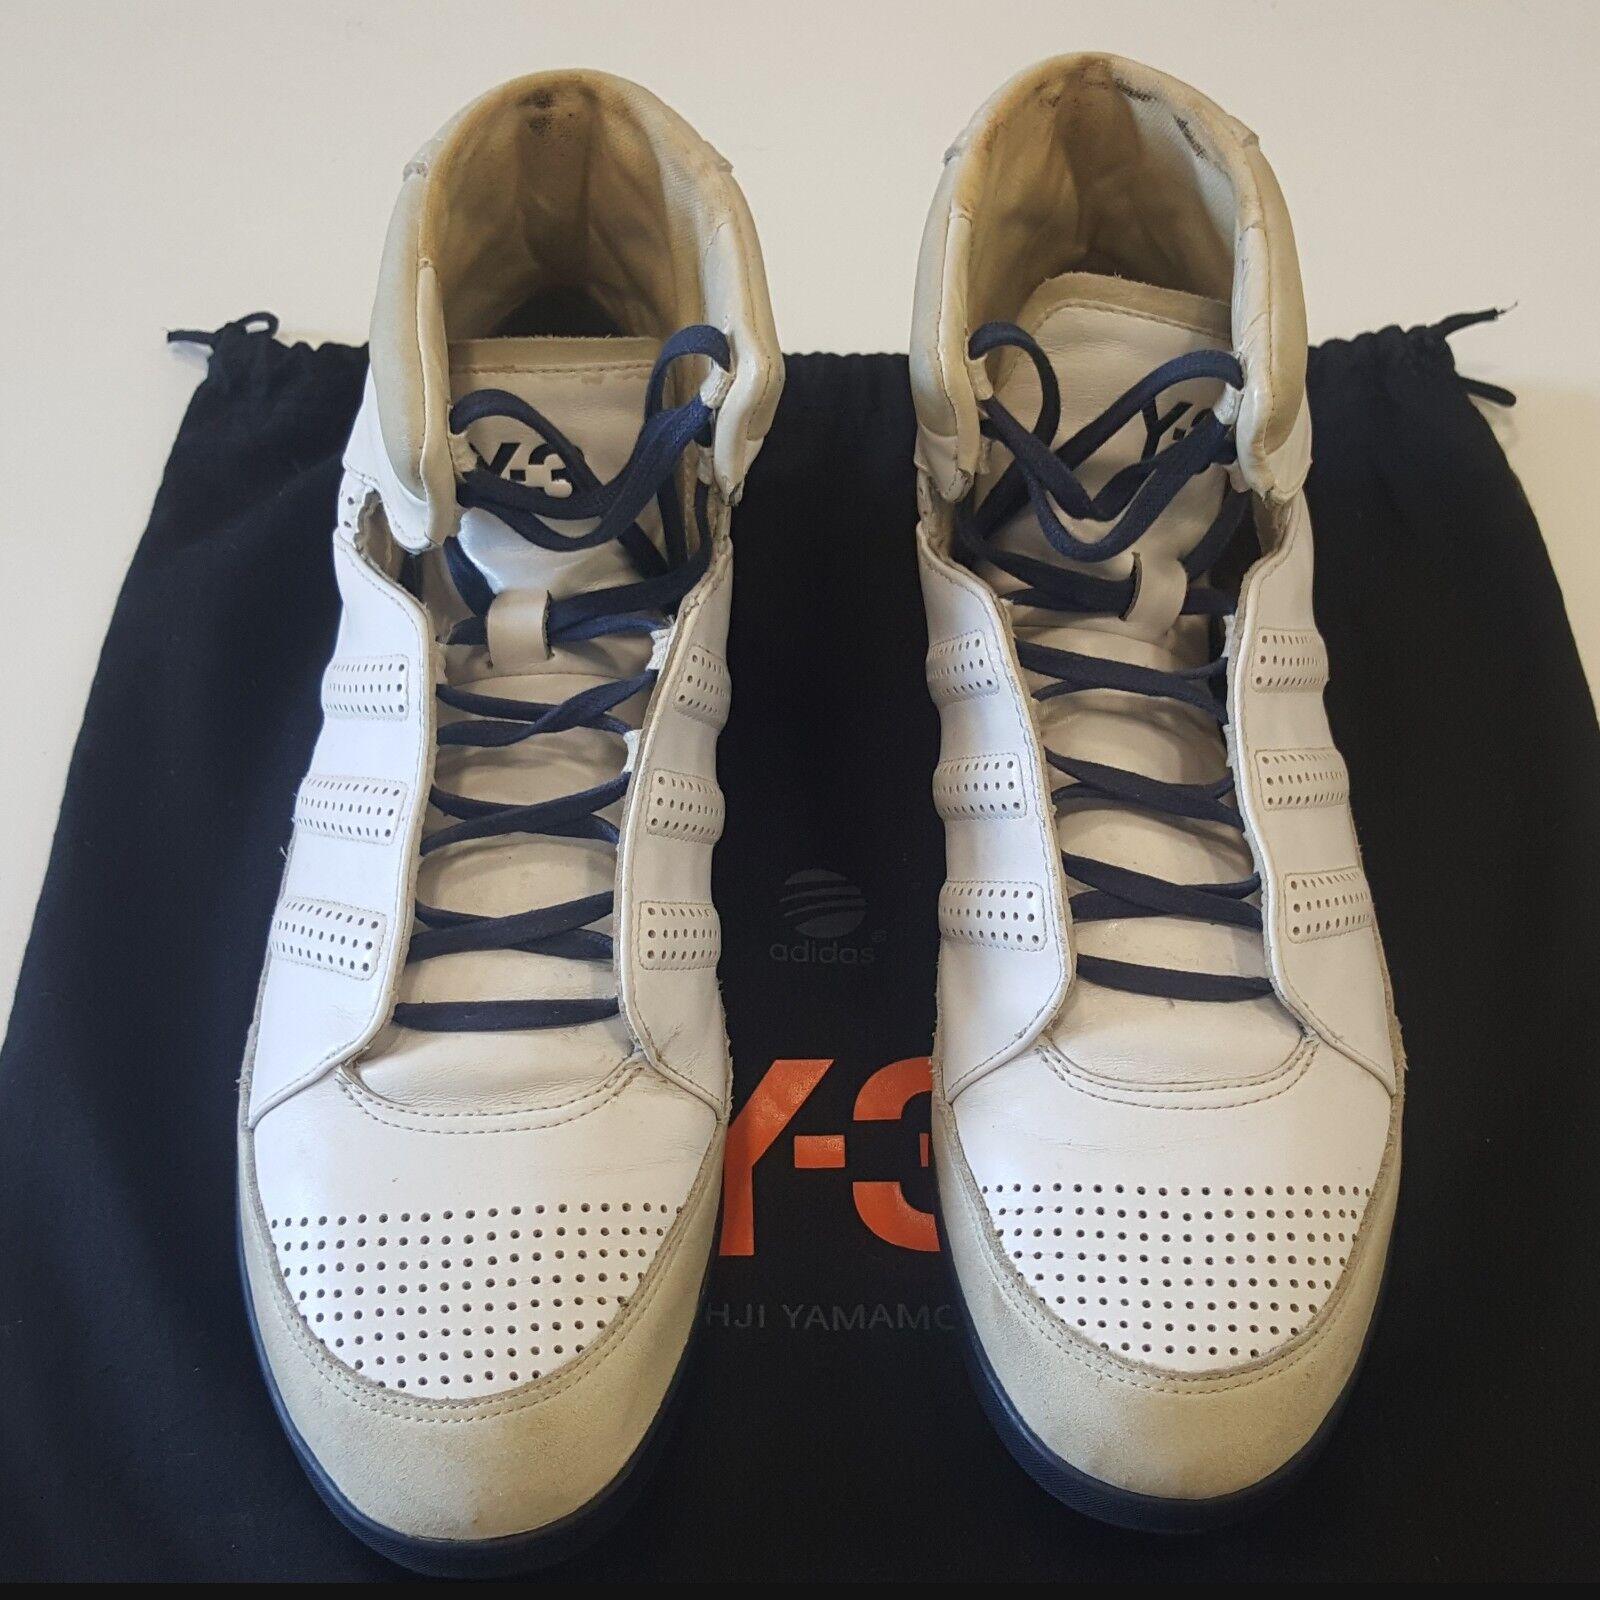 Men Adidas Y-3 Honja High White Sneaker US 9.5